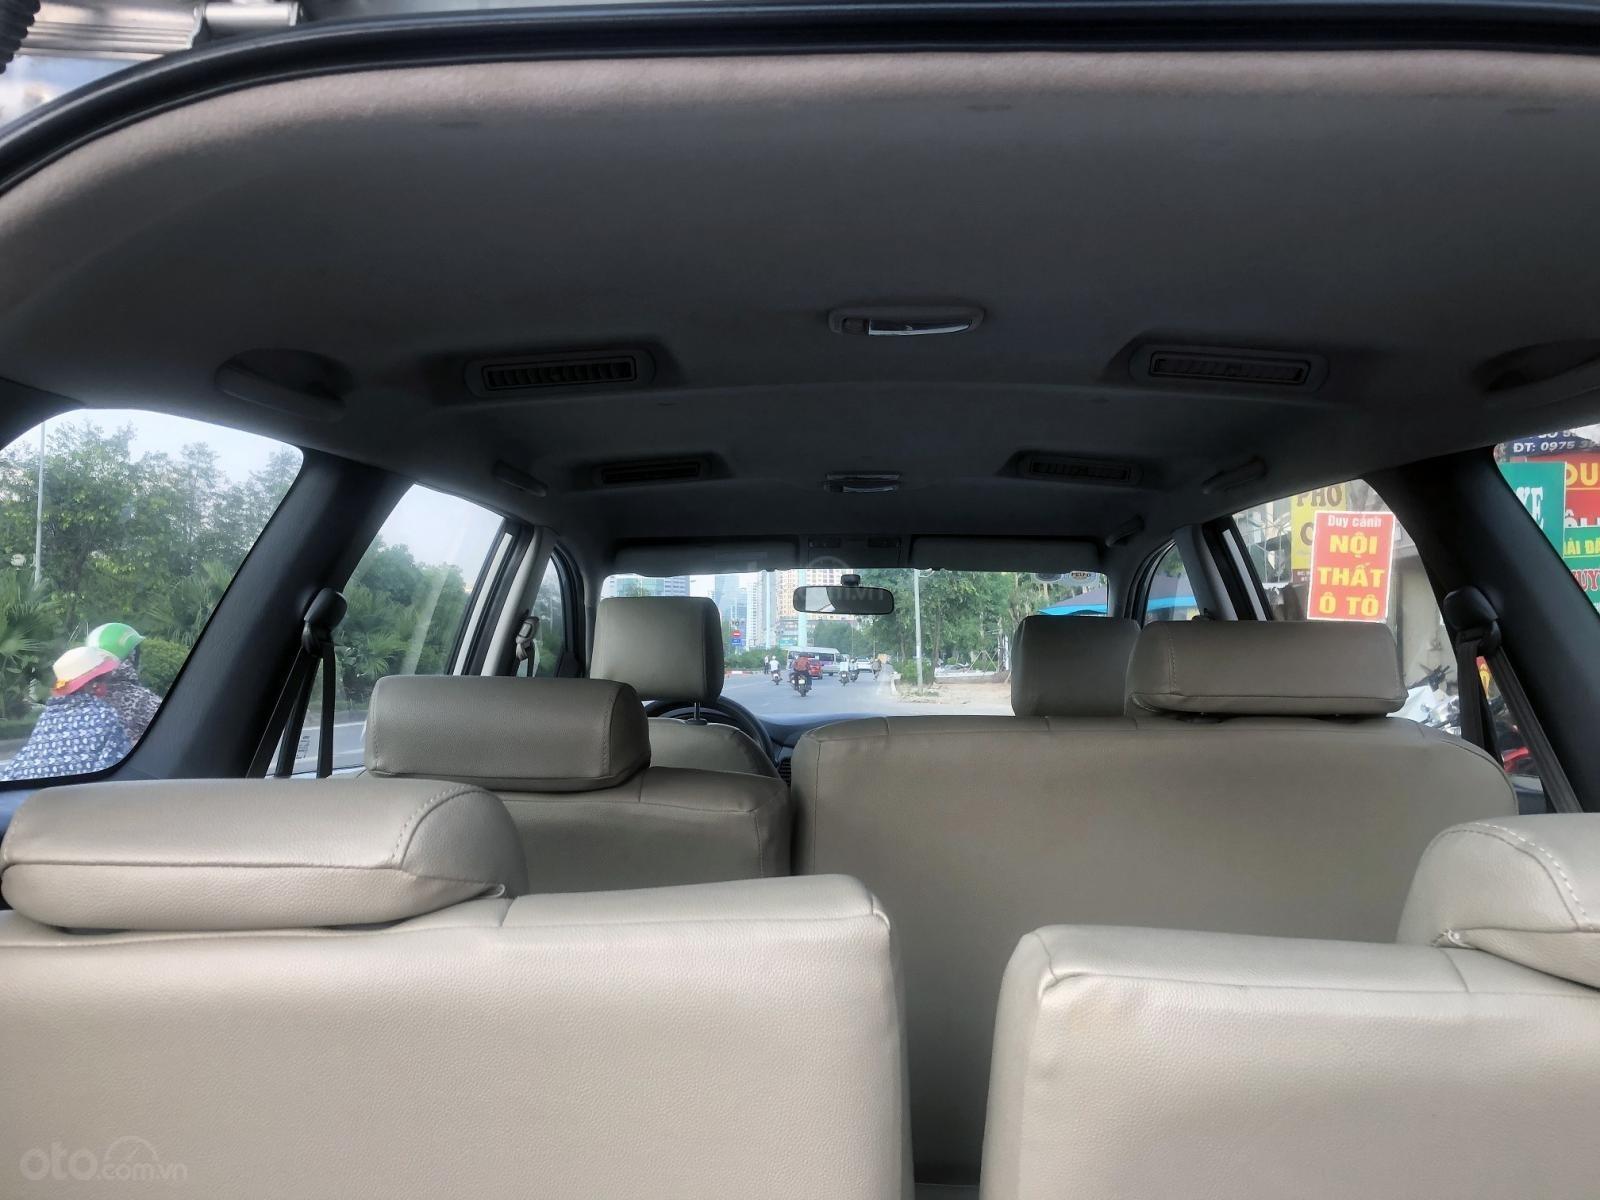 Bán ô tô Toyota Innova 2.0 MT đời 2012, màu bạc, biển Hà Nội, không chạy dịch vụ (12)